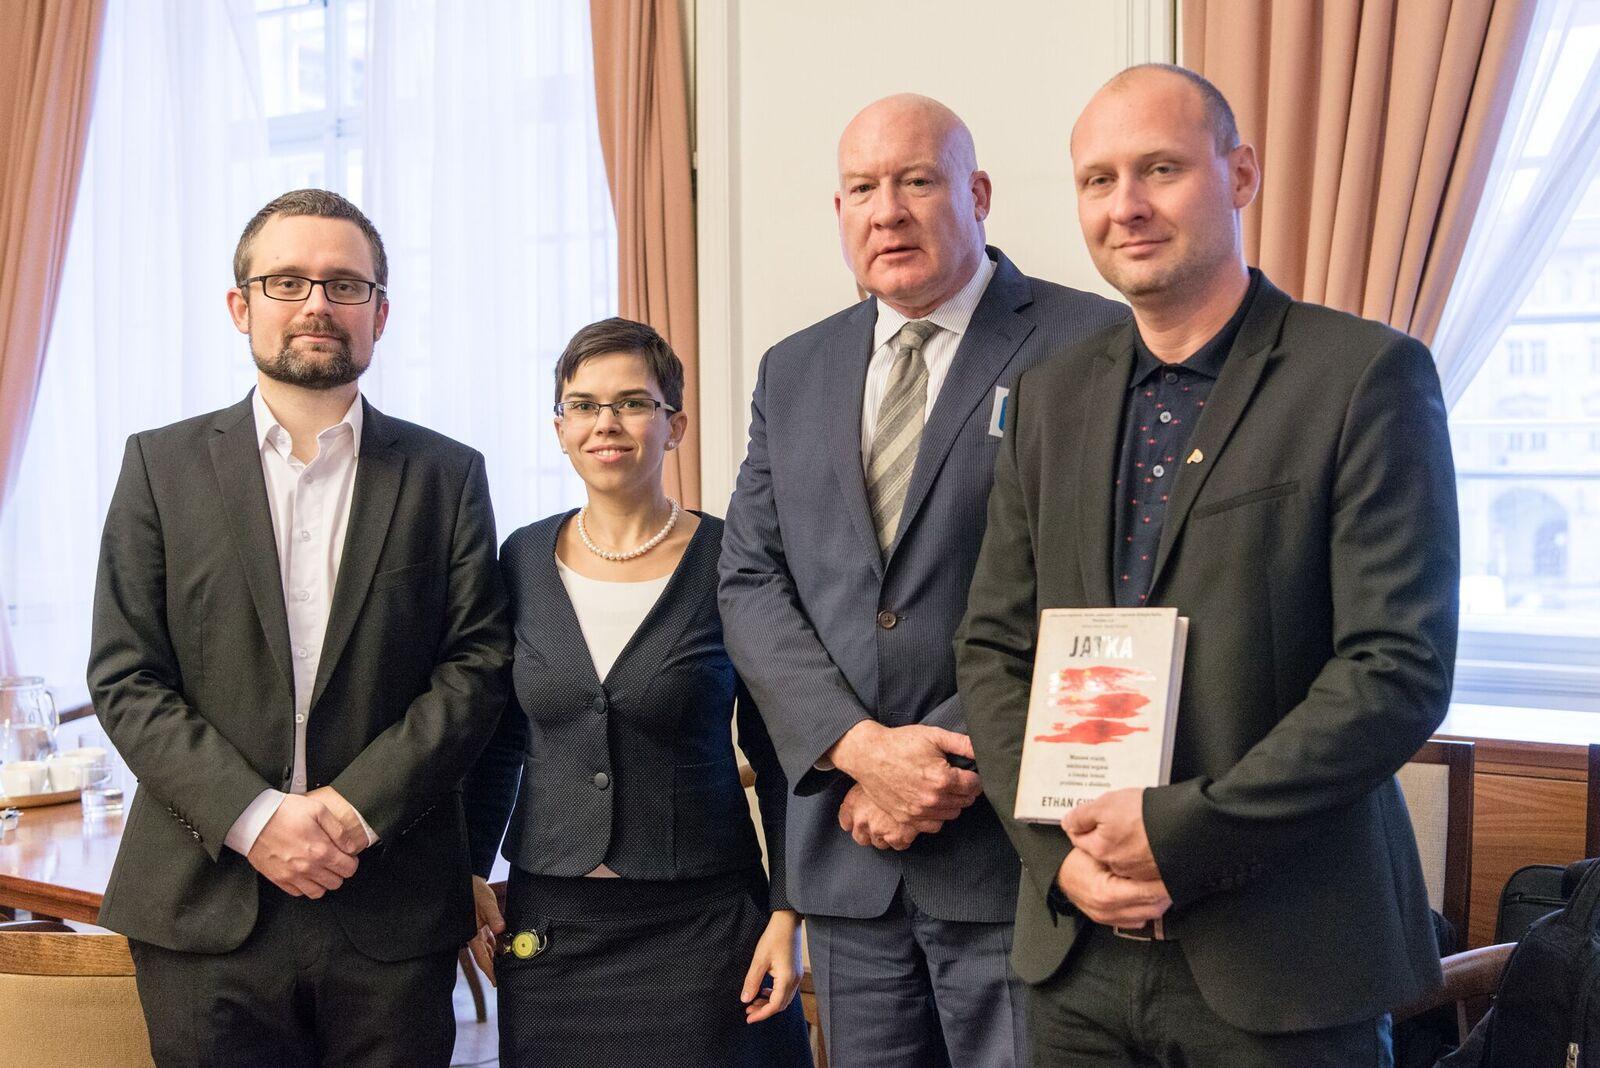 Setkání s novinářem E. Gutmannem v Poslaneckém klubu Pirátů před veřejným slyšením v Senátu. Foto Kristýna Svobodová.